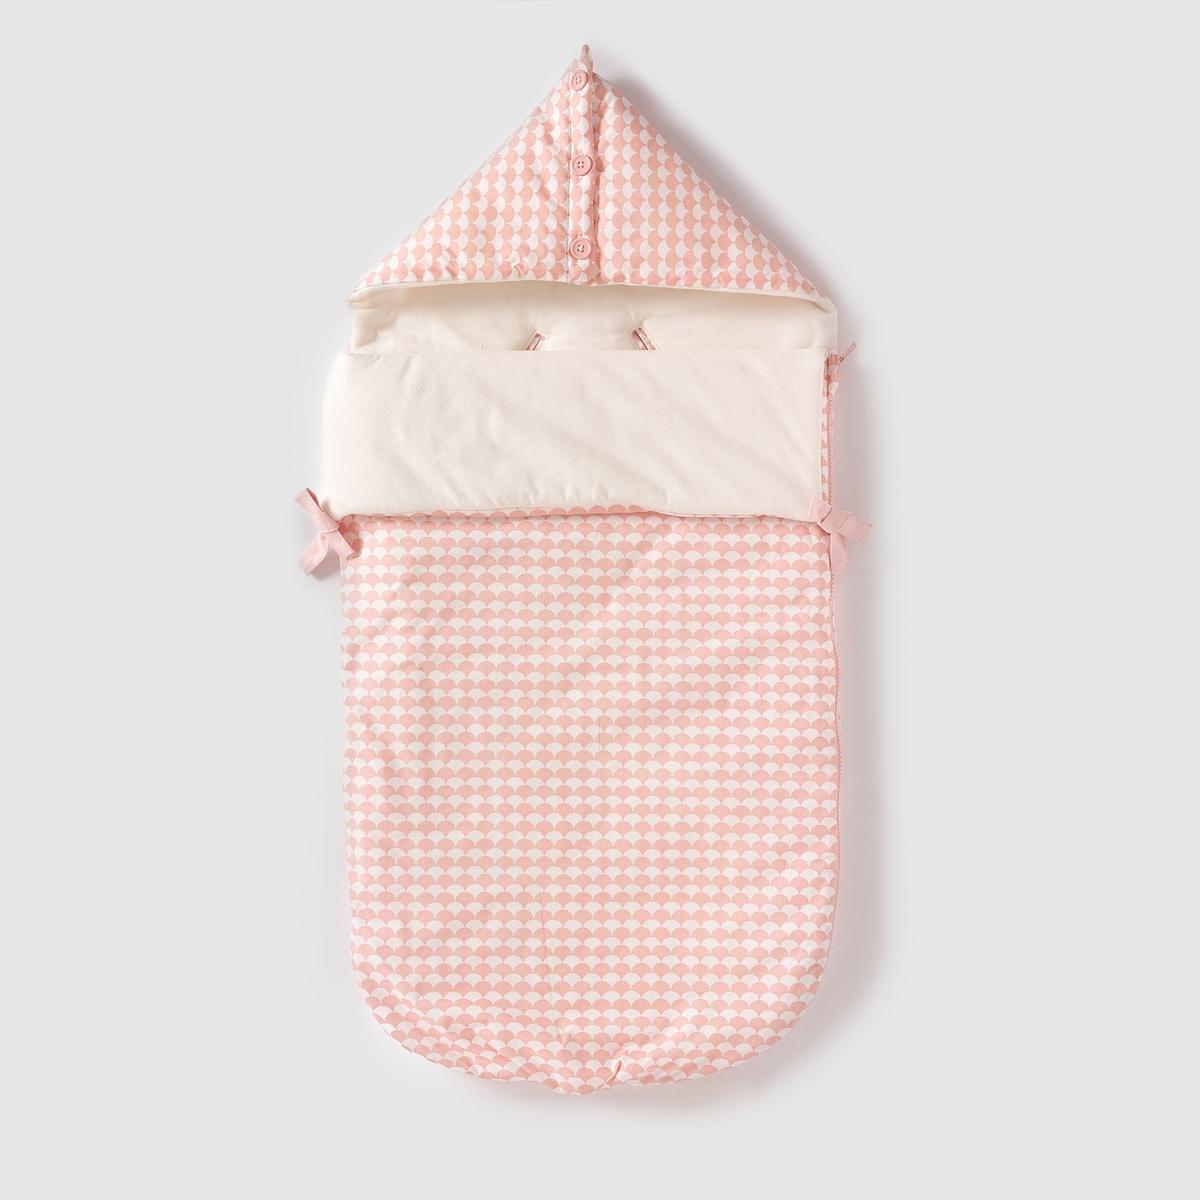 Конверт для новорожденных из хлопковой перкалиКонверт для новорожденных из хлопковой перкали, на ватине и подкладке из джерси  . Внутренние застежки позволяют прикрепить его к автокреслу. Застежка на молнию сбоку. Капюшон на пуговицах. Размер : 89 x 41 см . Состав и описаниеМатериал: 100% хлопок.Подкладка : 100% хлопкаМарка    R mini УходСтирка и глажка с изнаночной стороныМашинная стирка при 30°С на умеренном режиме с одеждой схожих цветовМашинная сушка на среднем режиме Гладить при умеренной температуре.<br><br>Цвет: розовый/ белый